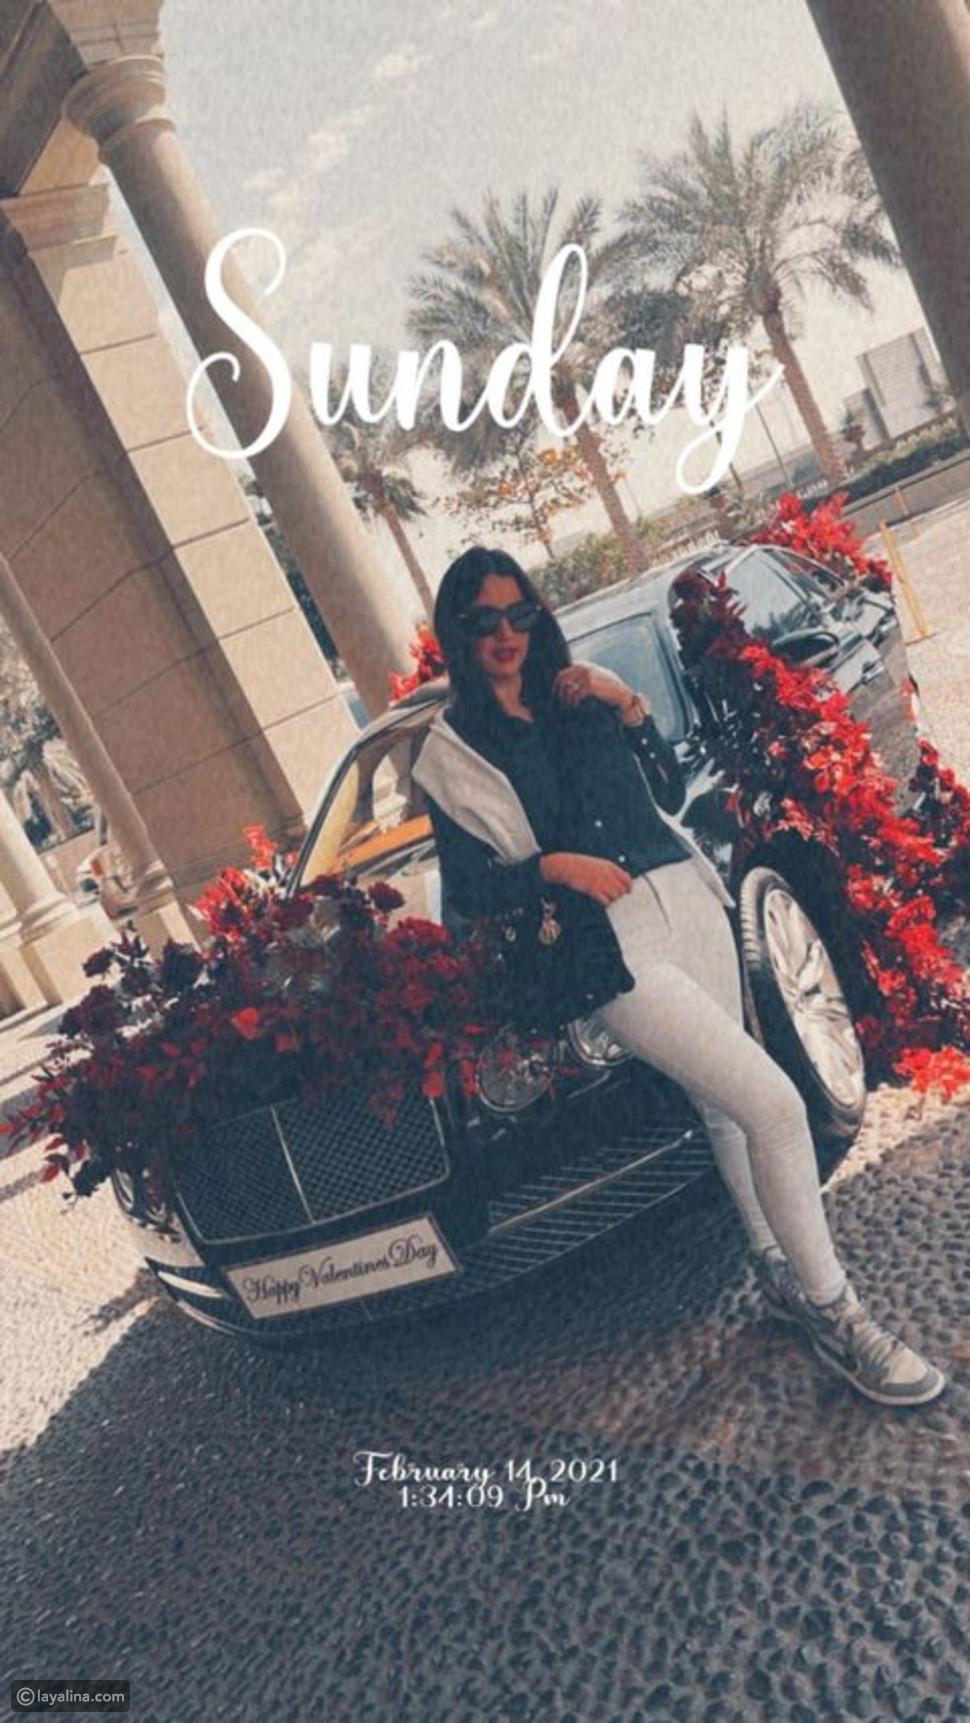 صور: درة تحتفل بعيد الحب مع زوجها هاني سعد بهدية سعرها خرافي